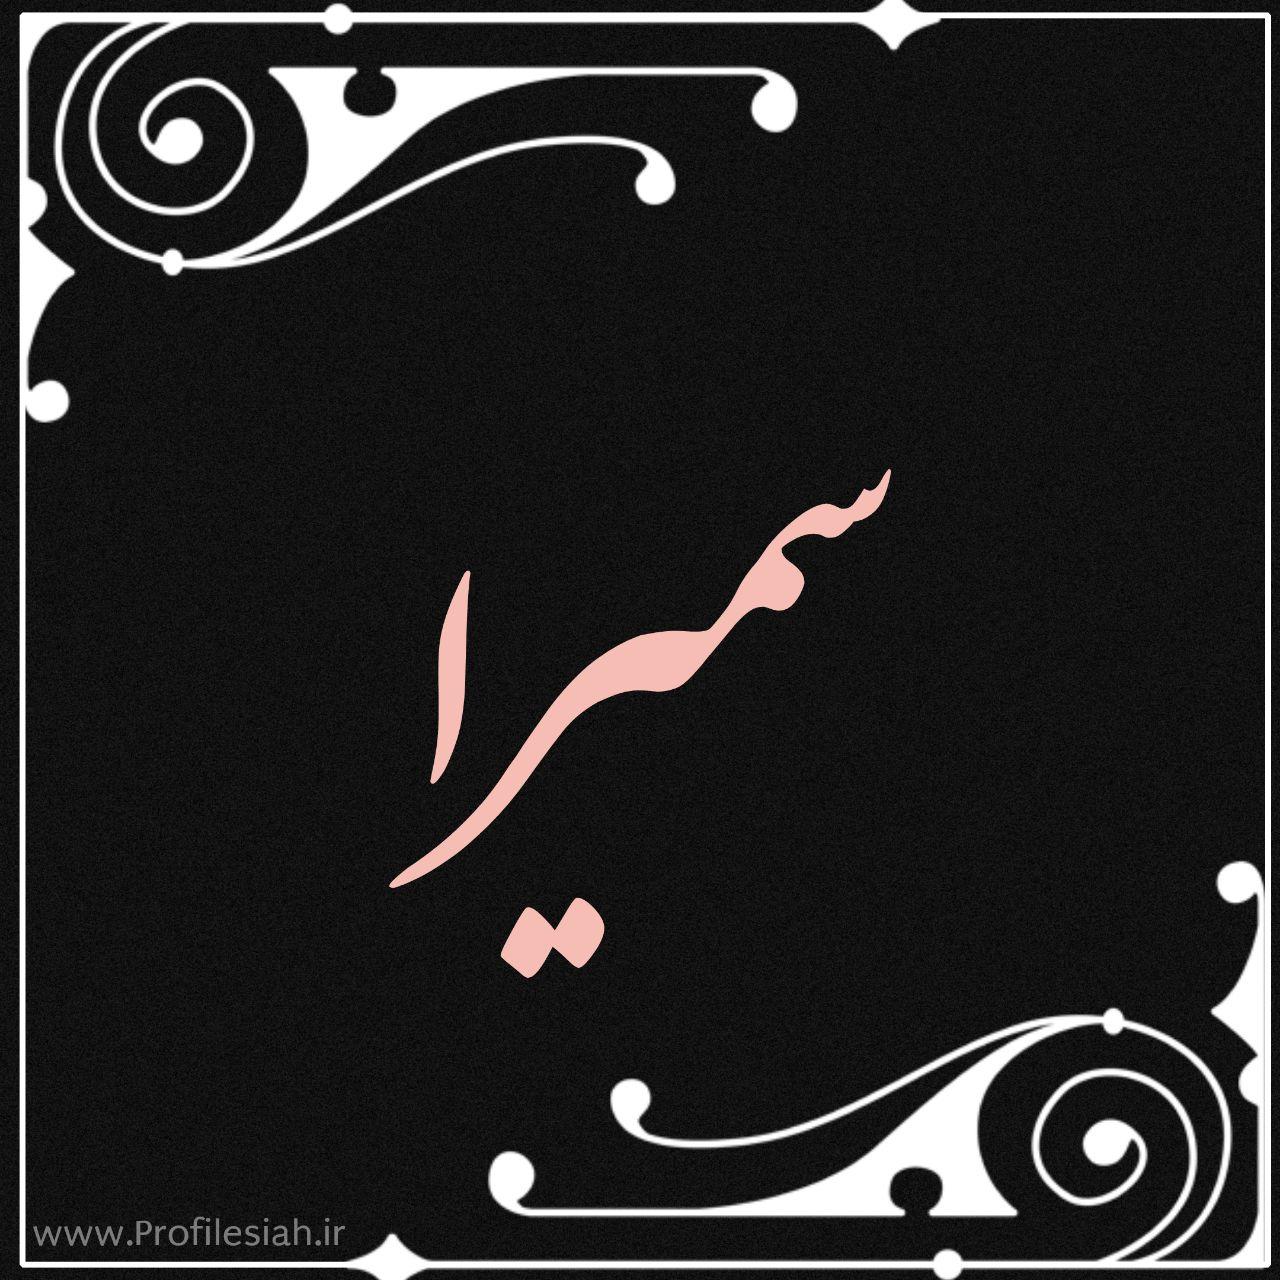 لوگو و عکس نوشته ی اسم سمیرا